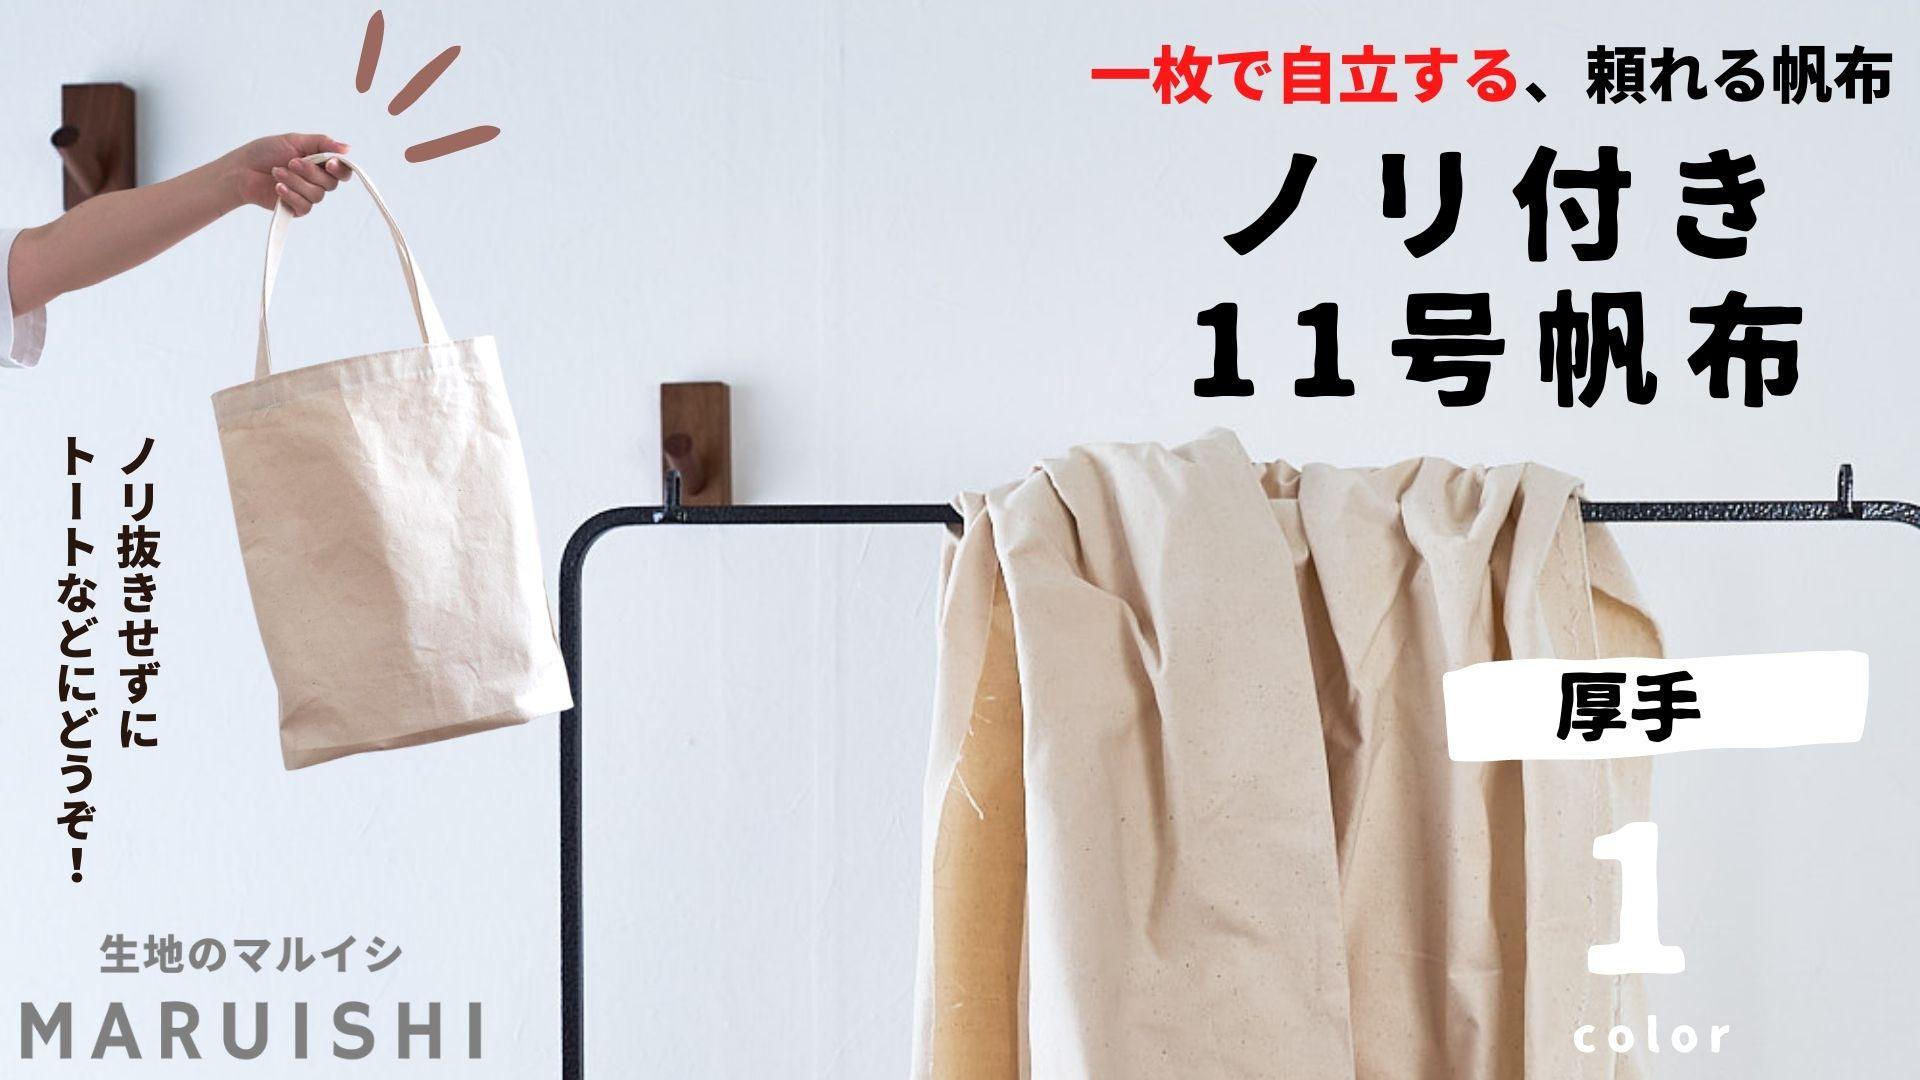 11-hanpu-kinari-banner.jpg